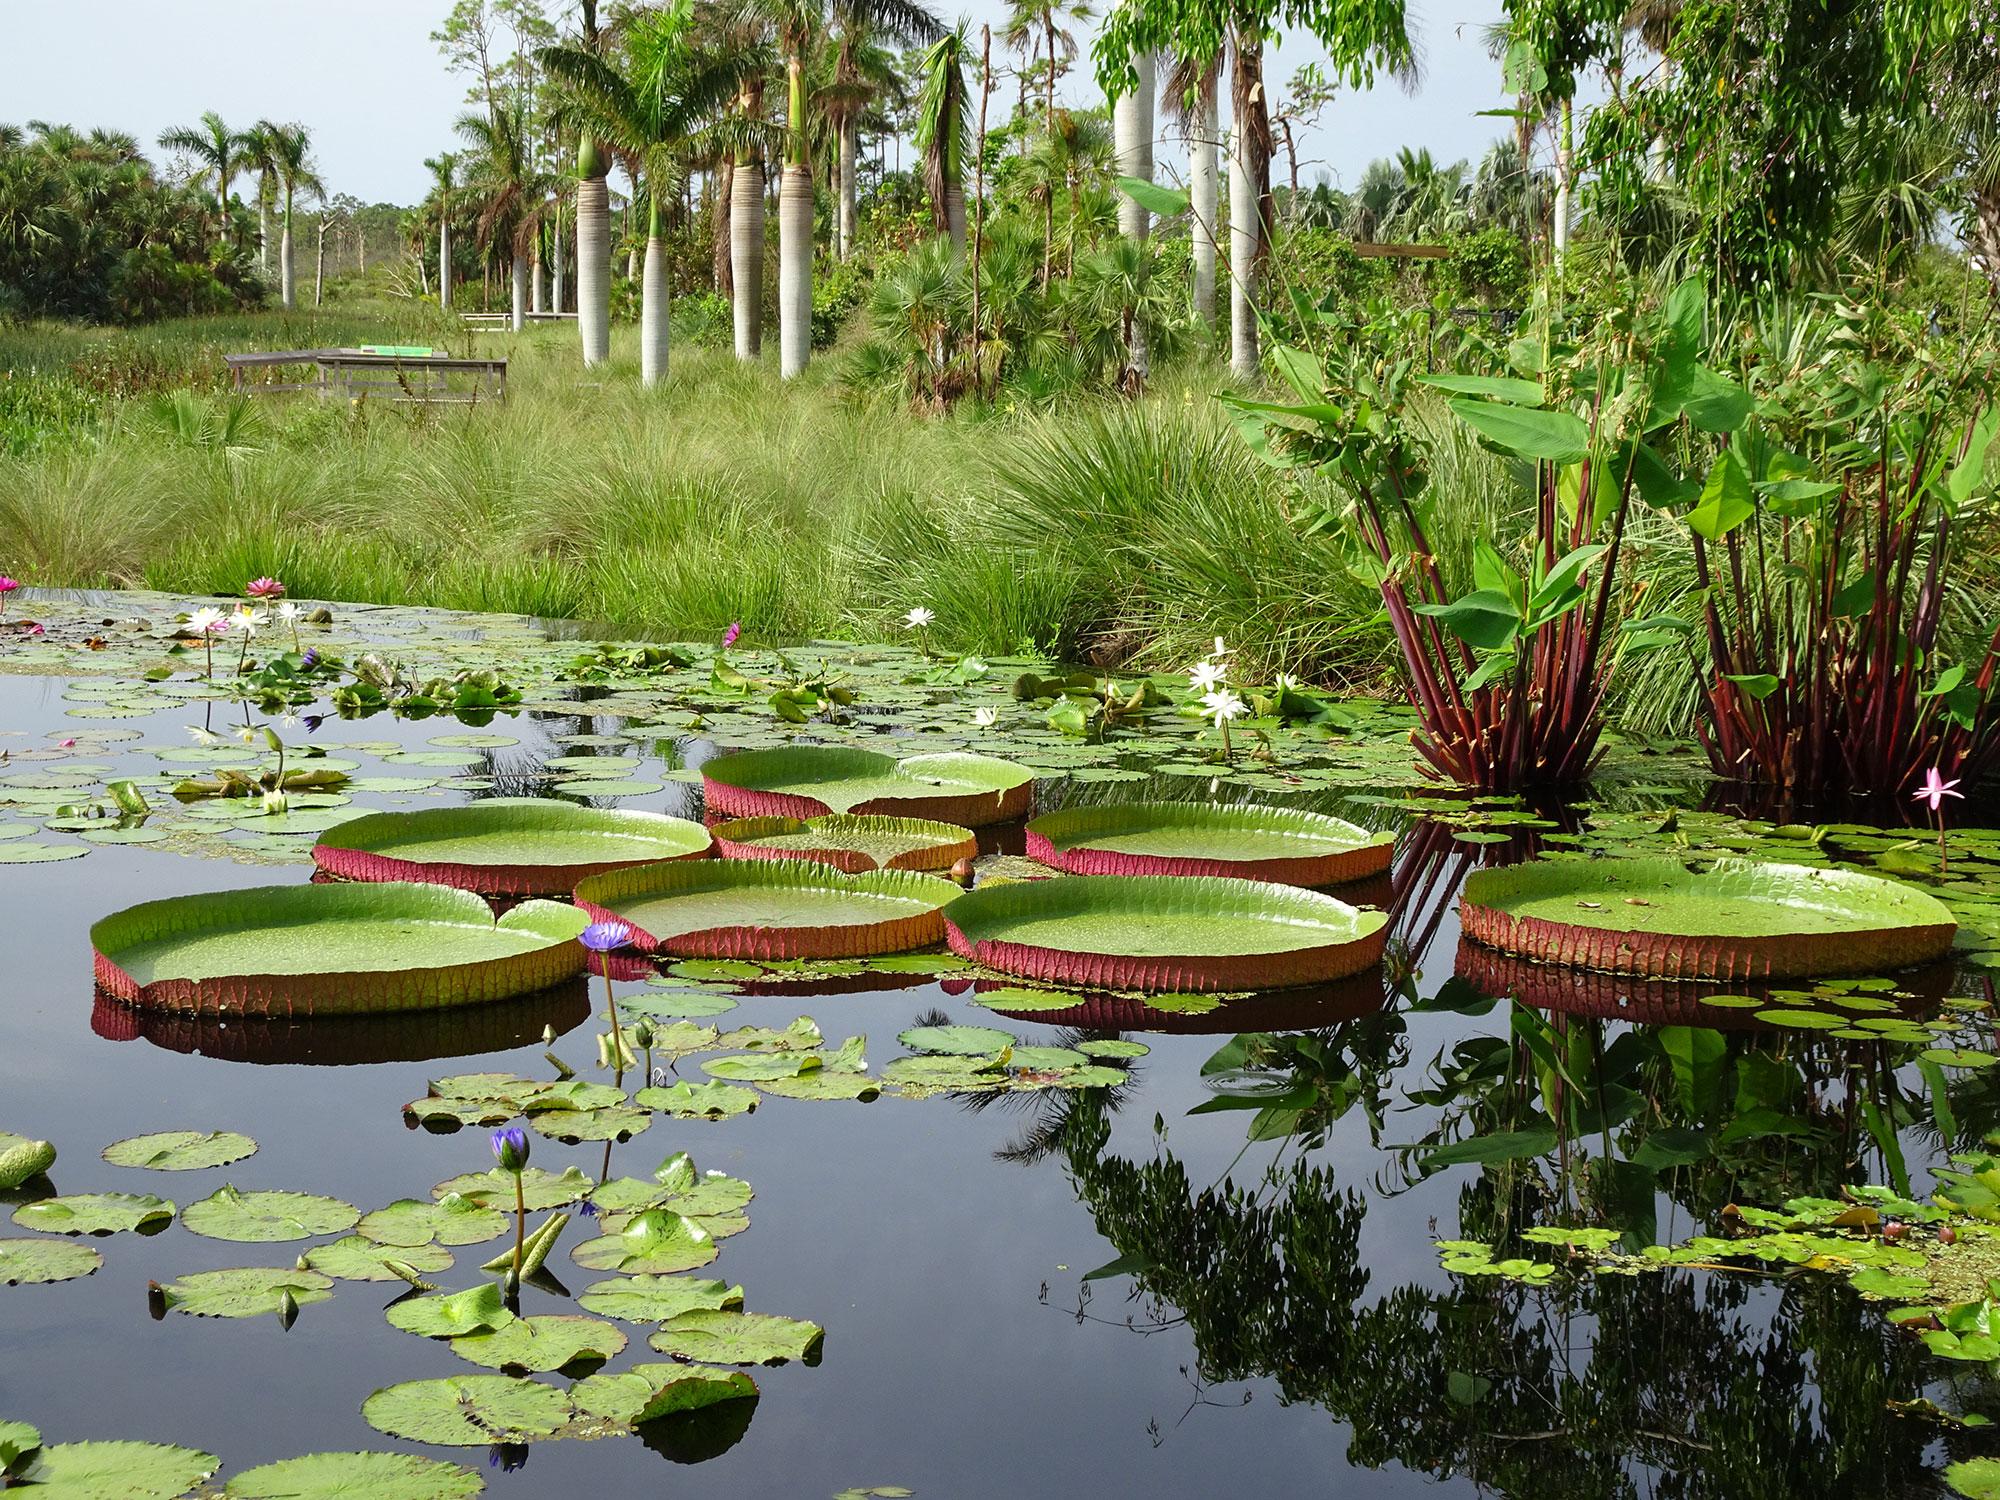 Victoria e tropicali al Naples Botanical Gardens